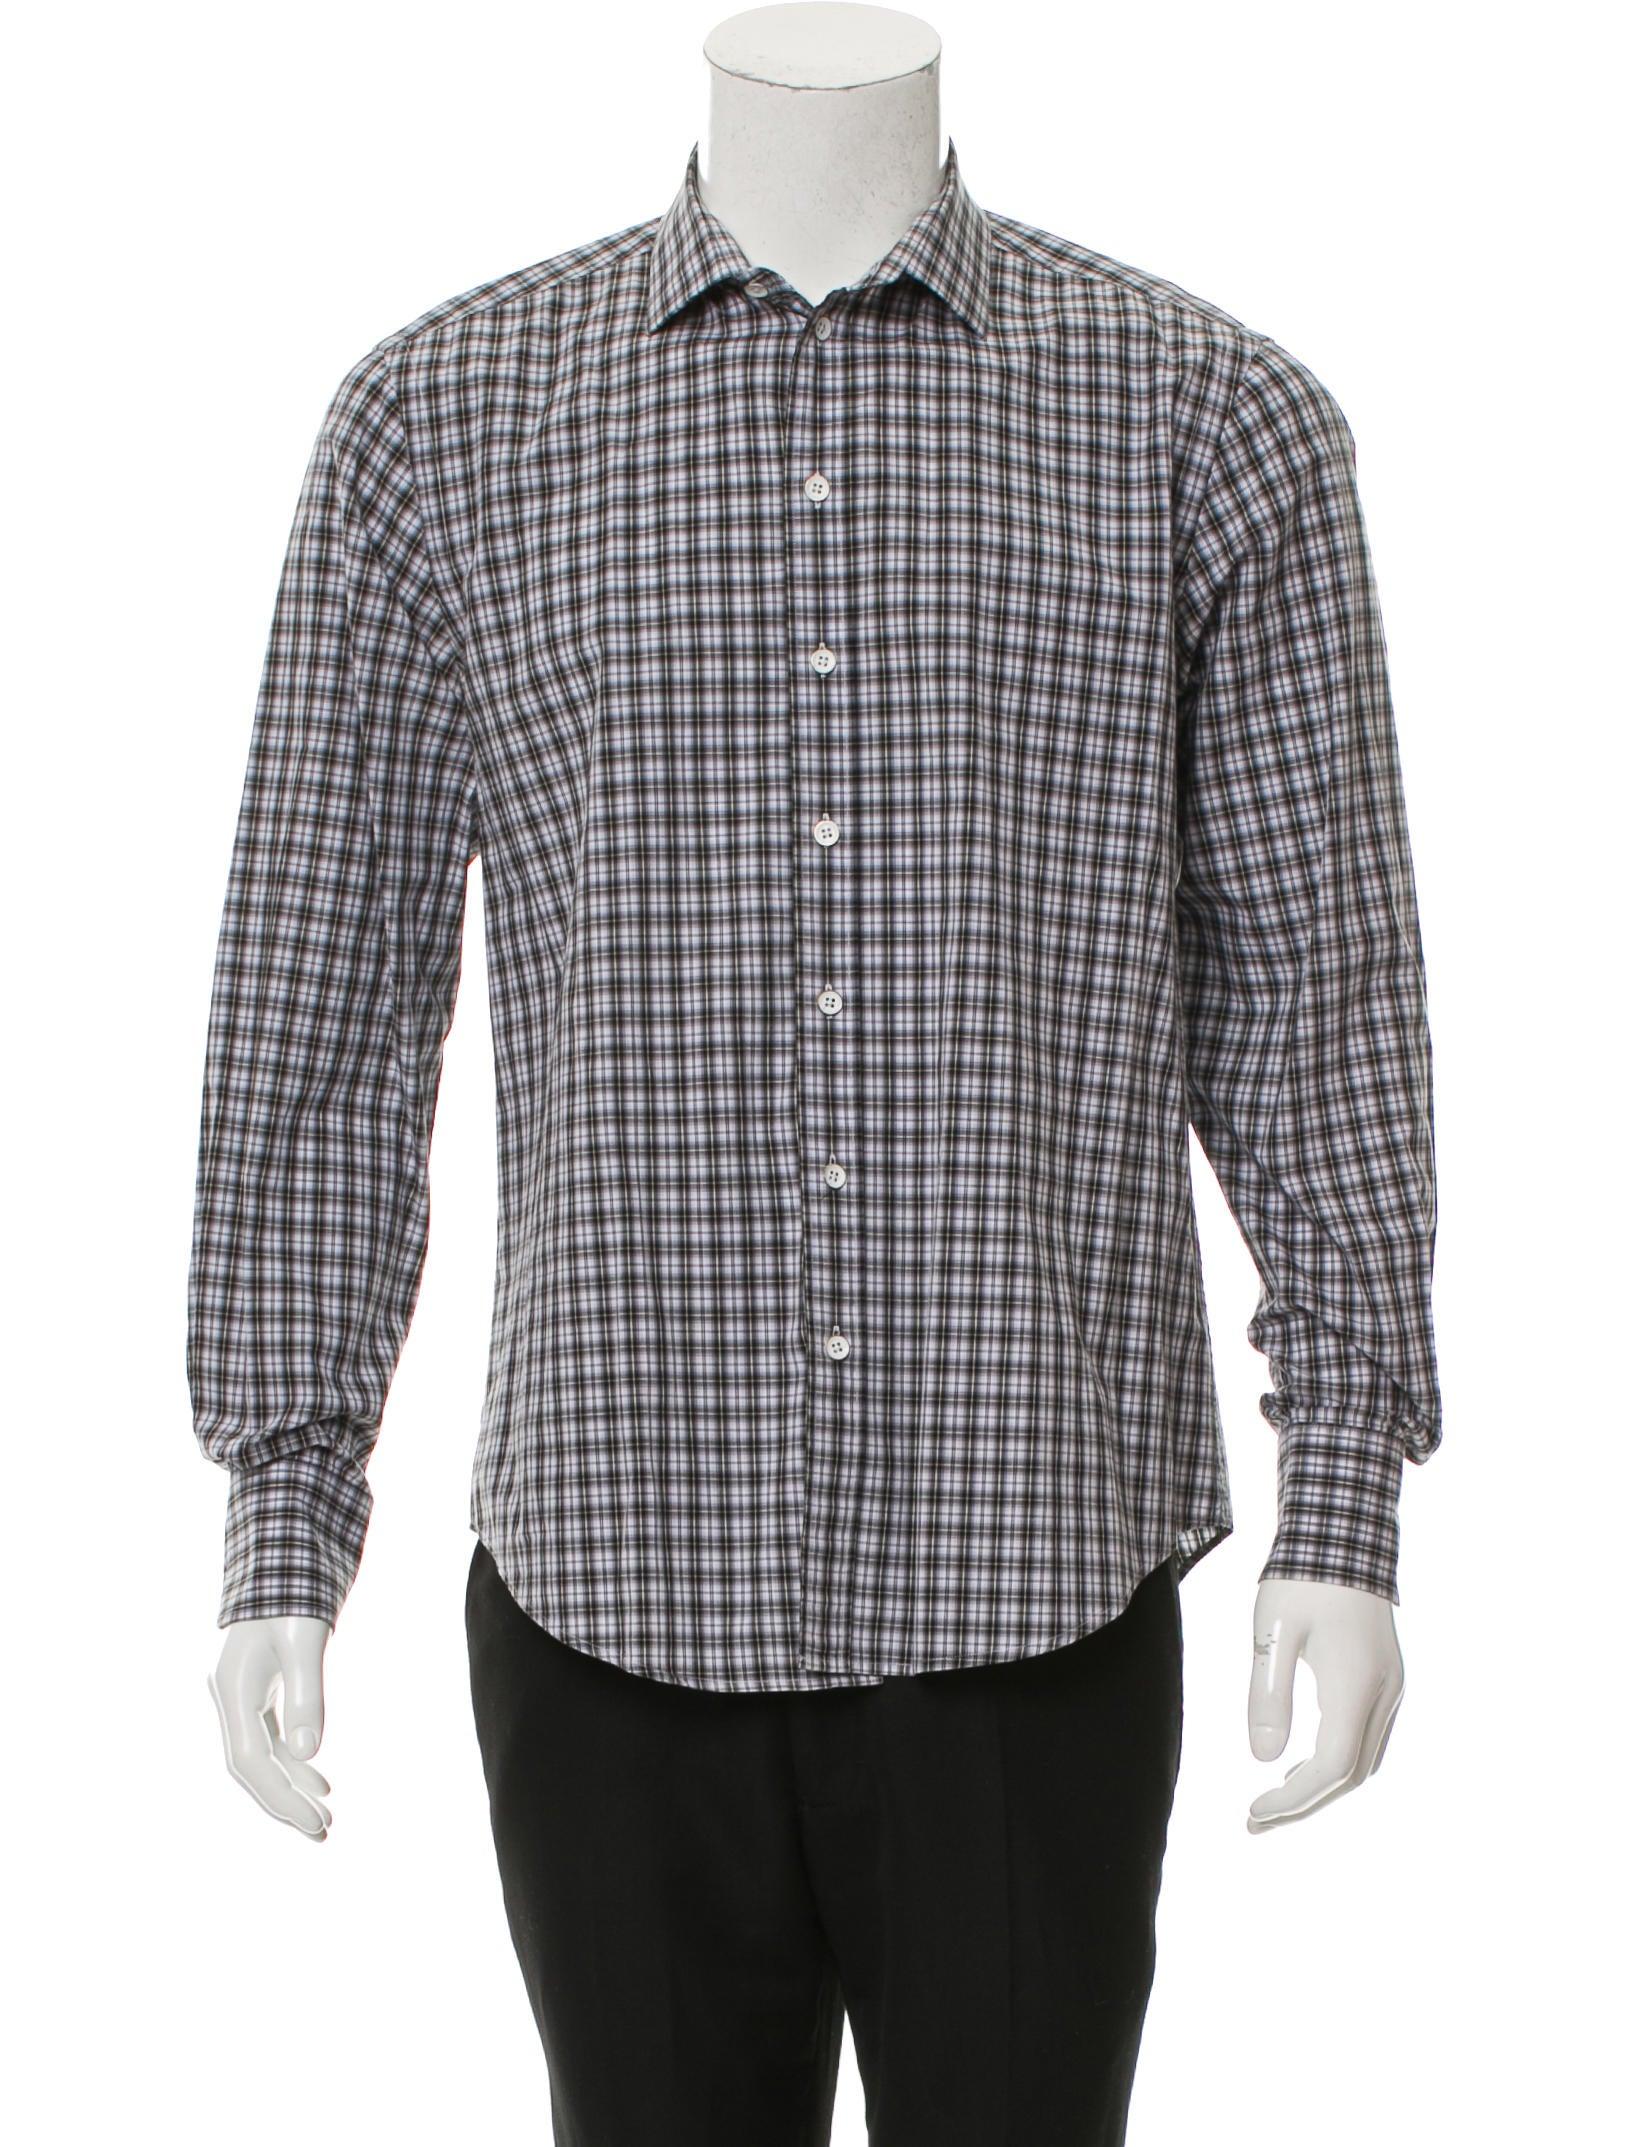 Rag bone plaid button up shirt clothing wragb83355 for Rag and bone mens shirts sale